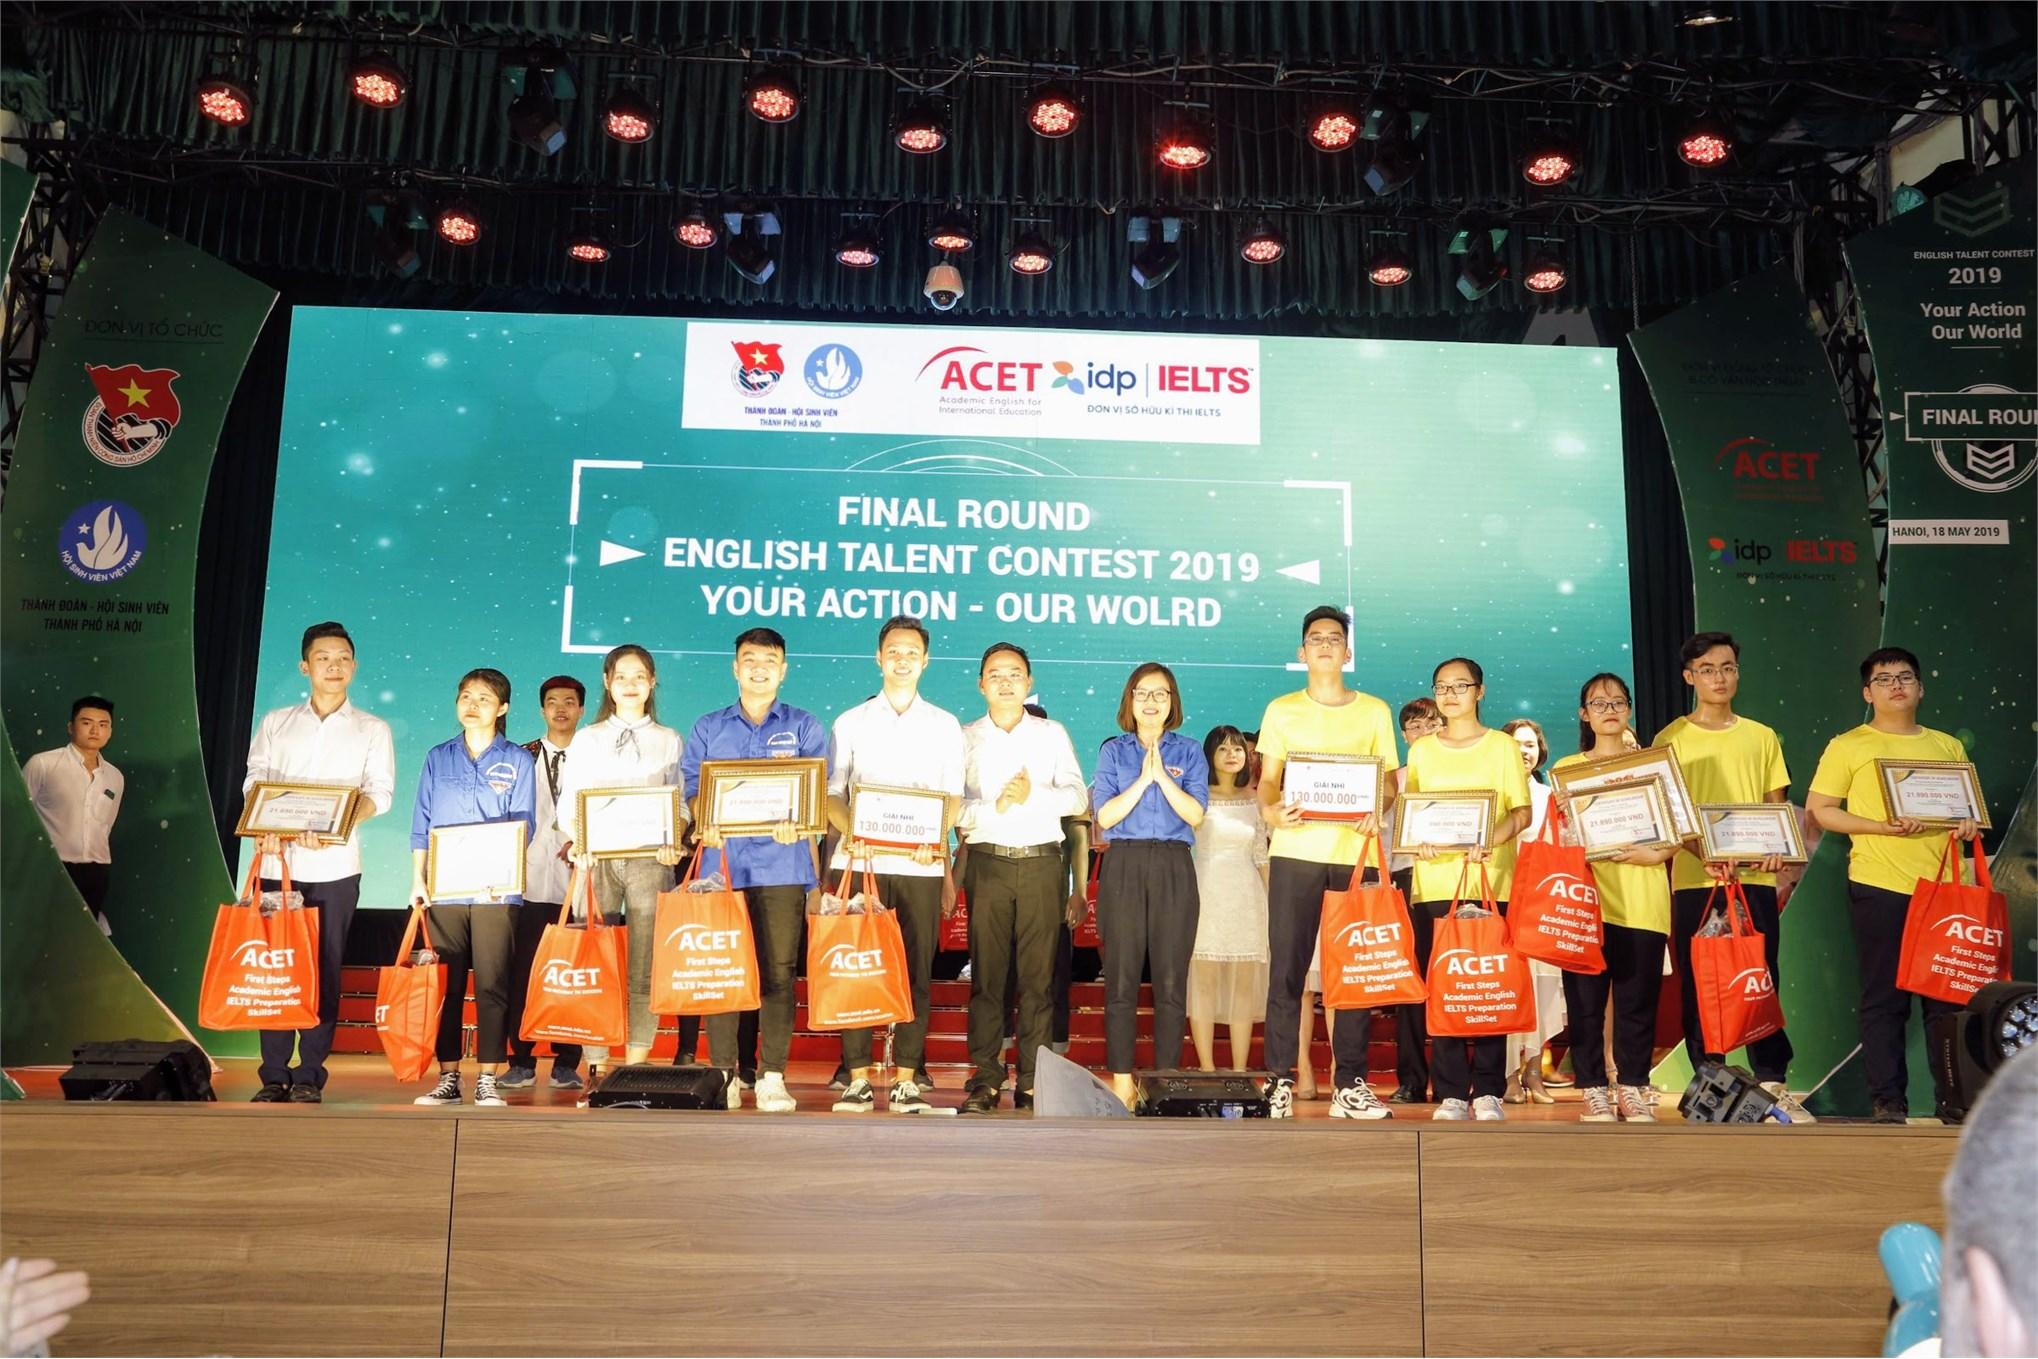 Ban Tổ chức trao giải nhì cho Đại học Công nghiệp Hà Nội (bên trái) đối với khối trường ĐH-CĐ-HV và THPT Ngọc Hồi (bên phải) đối với khối THP